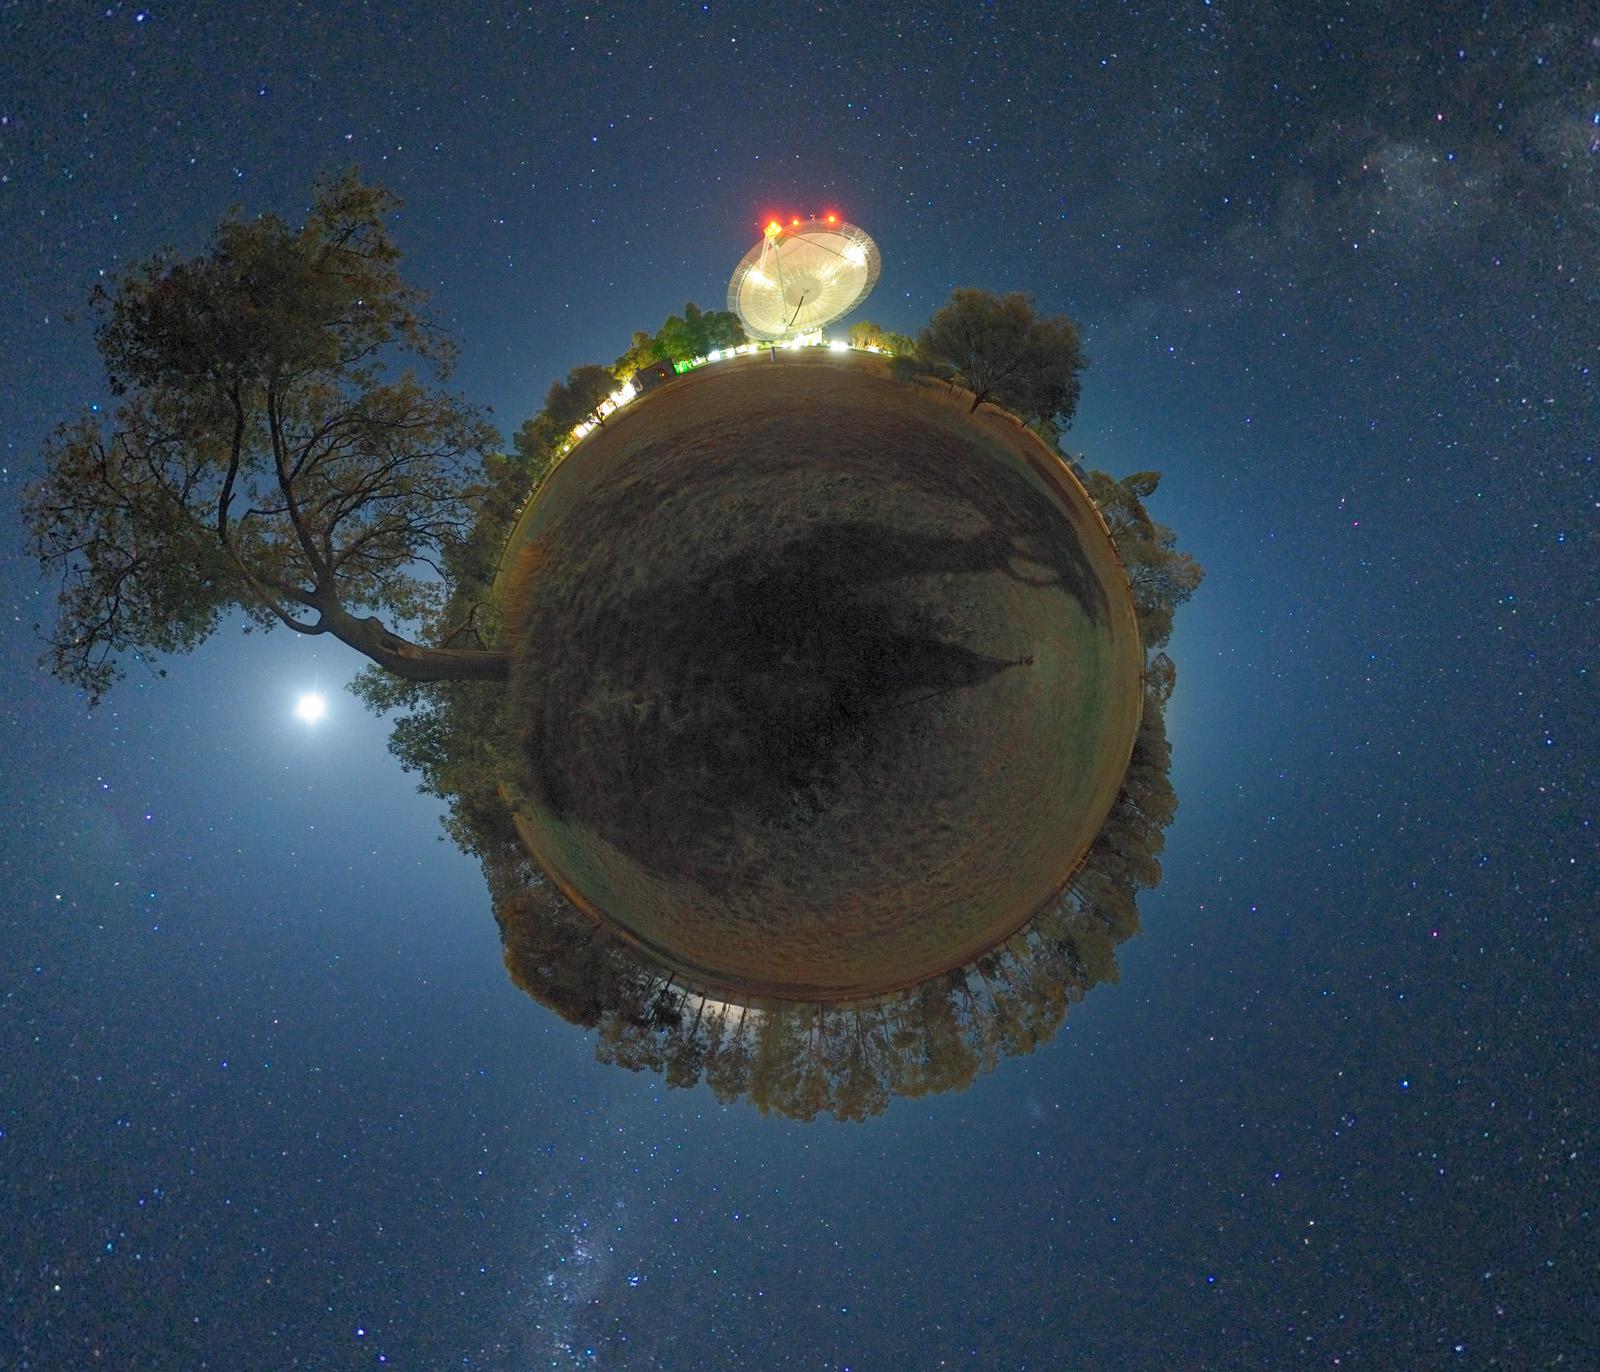 [摘译]每日天文一图 - 小王子星(2010年8月3日) - 秋天的麦兜 - 蜗牛壳